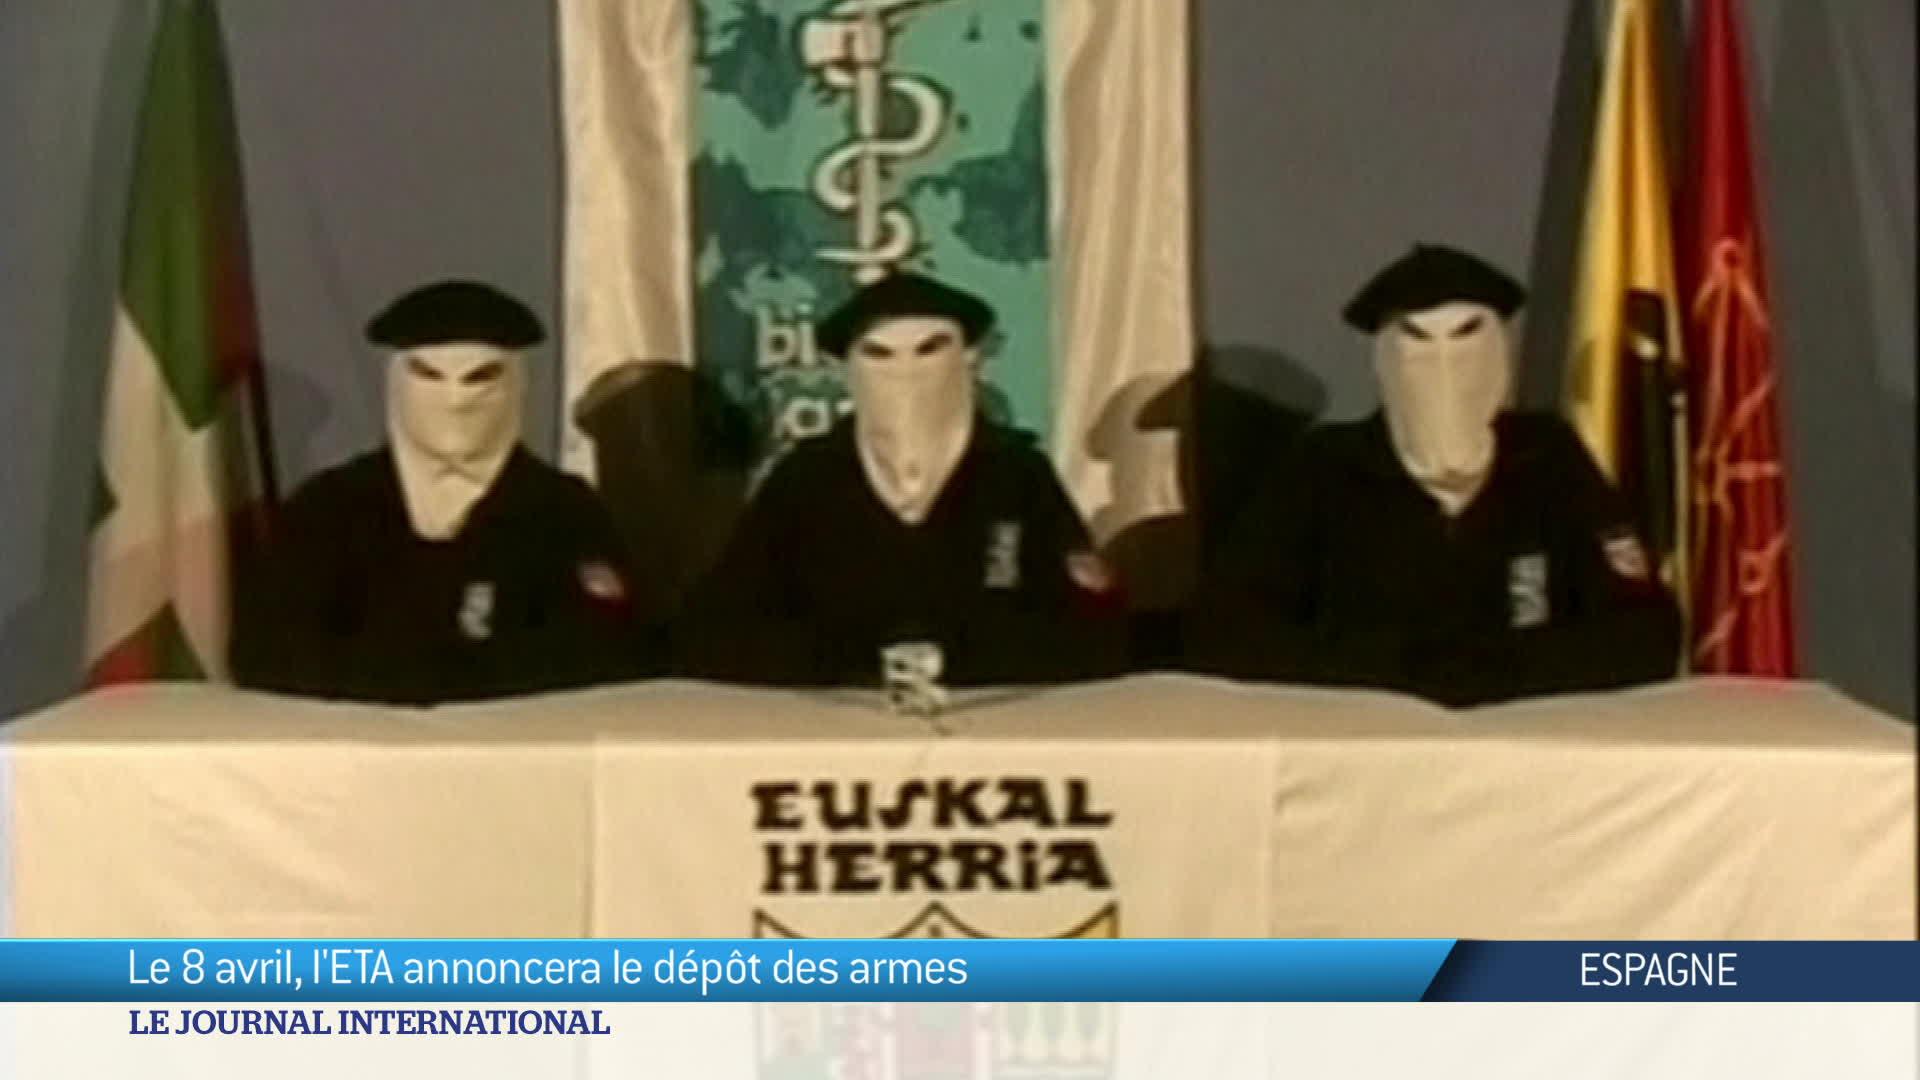 Espagne : dépôt des armes pour l'ETA